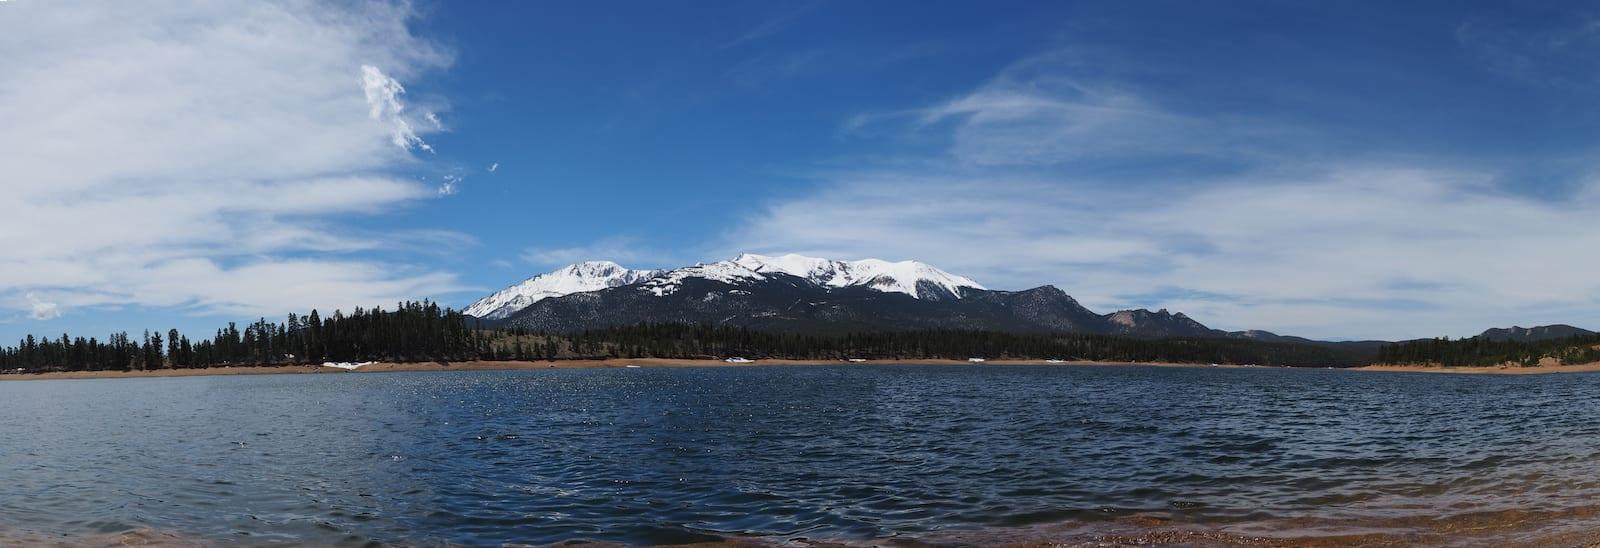 North Catamount Reservoir, Colorado